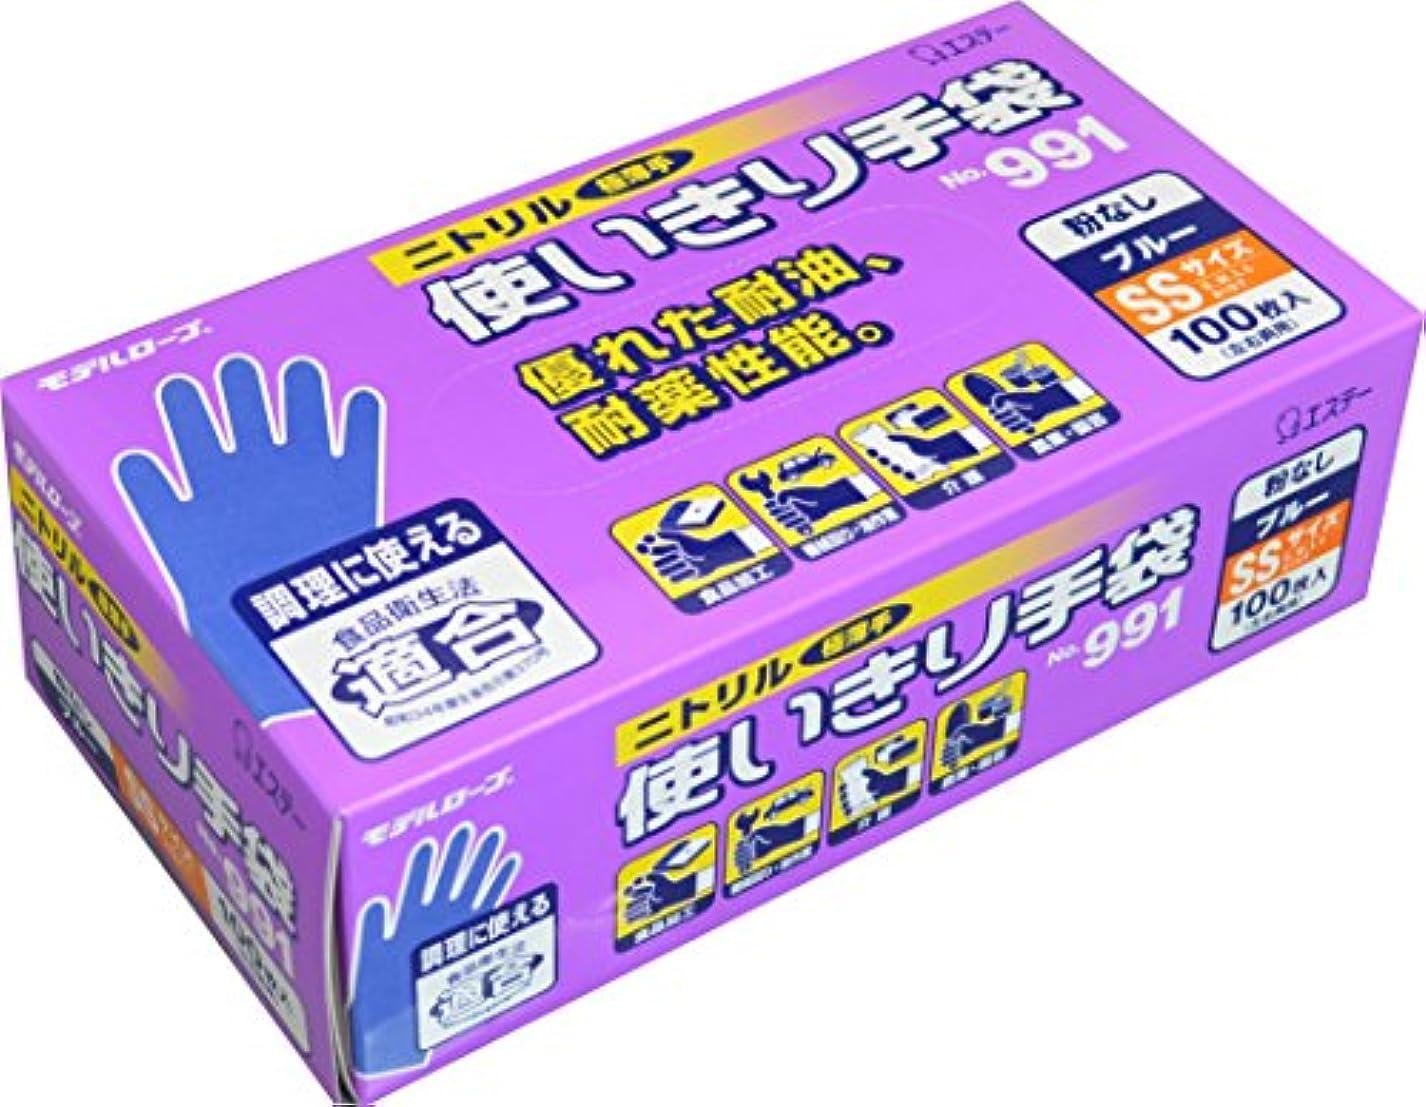 構想する直感店主モデルローブ NO991 ニトリル使い切り手袋 100枚 ブルー SS